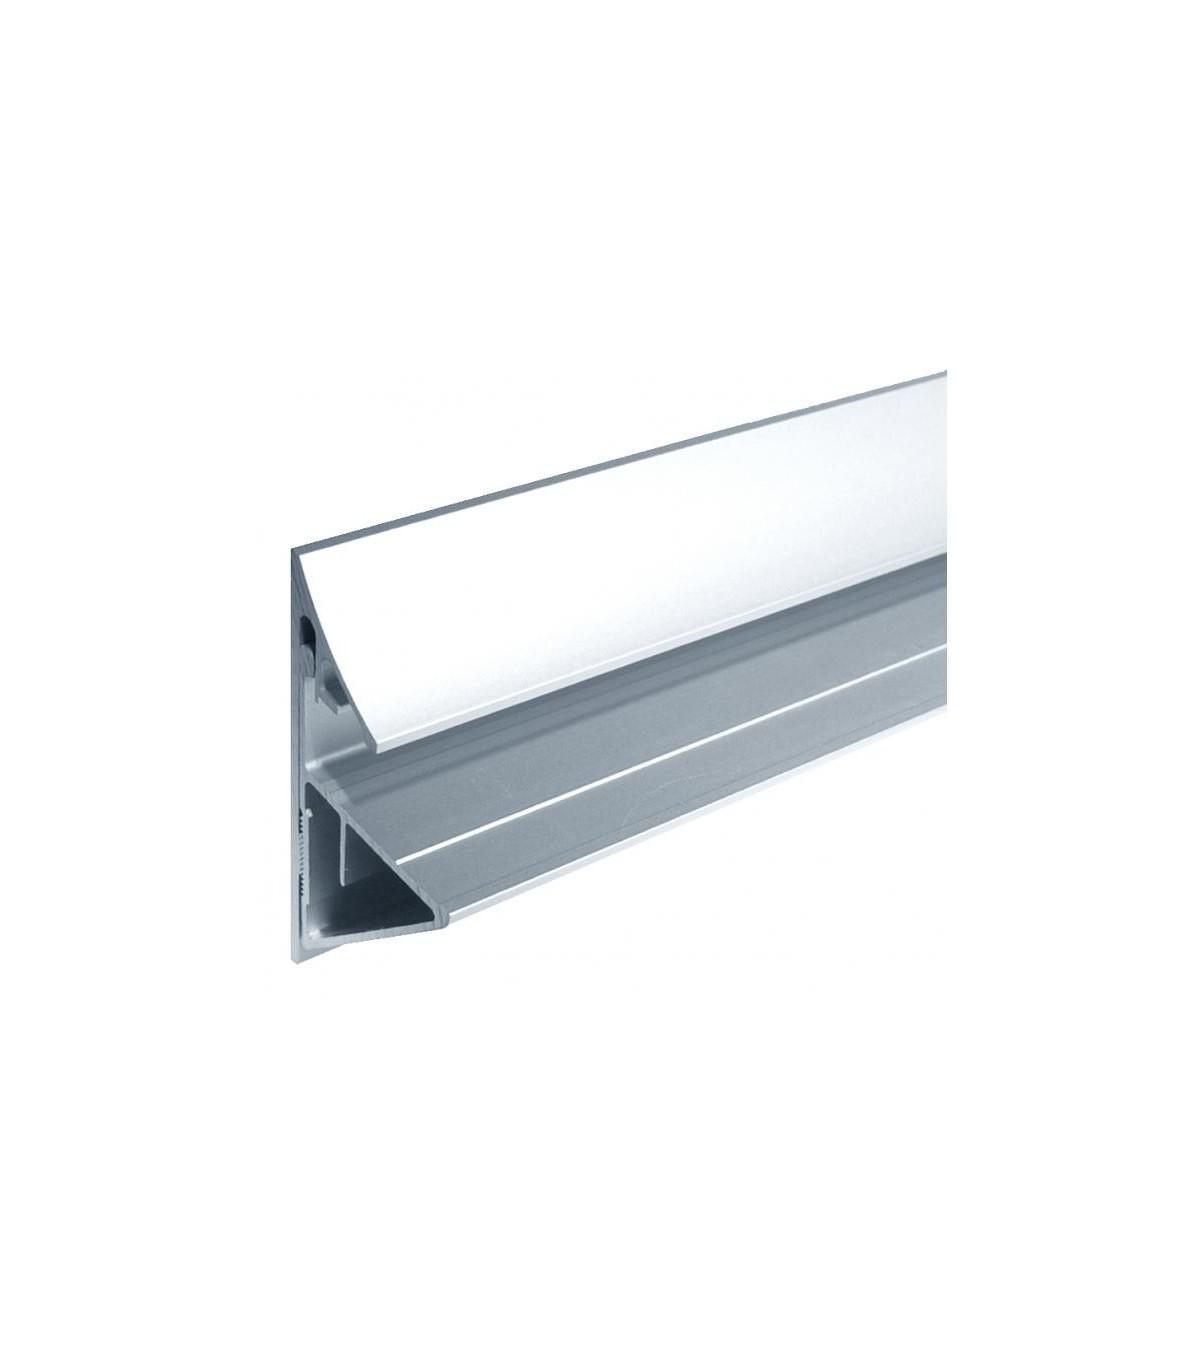 profil aluminium support tablette en verre d epaisseur 12 a 17 52 mm